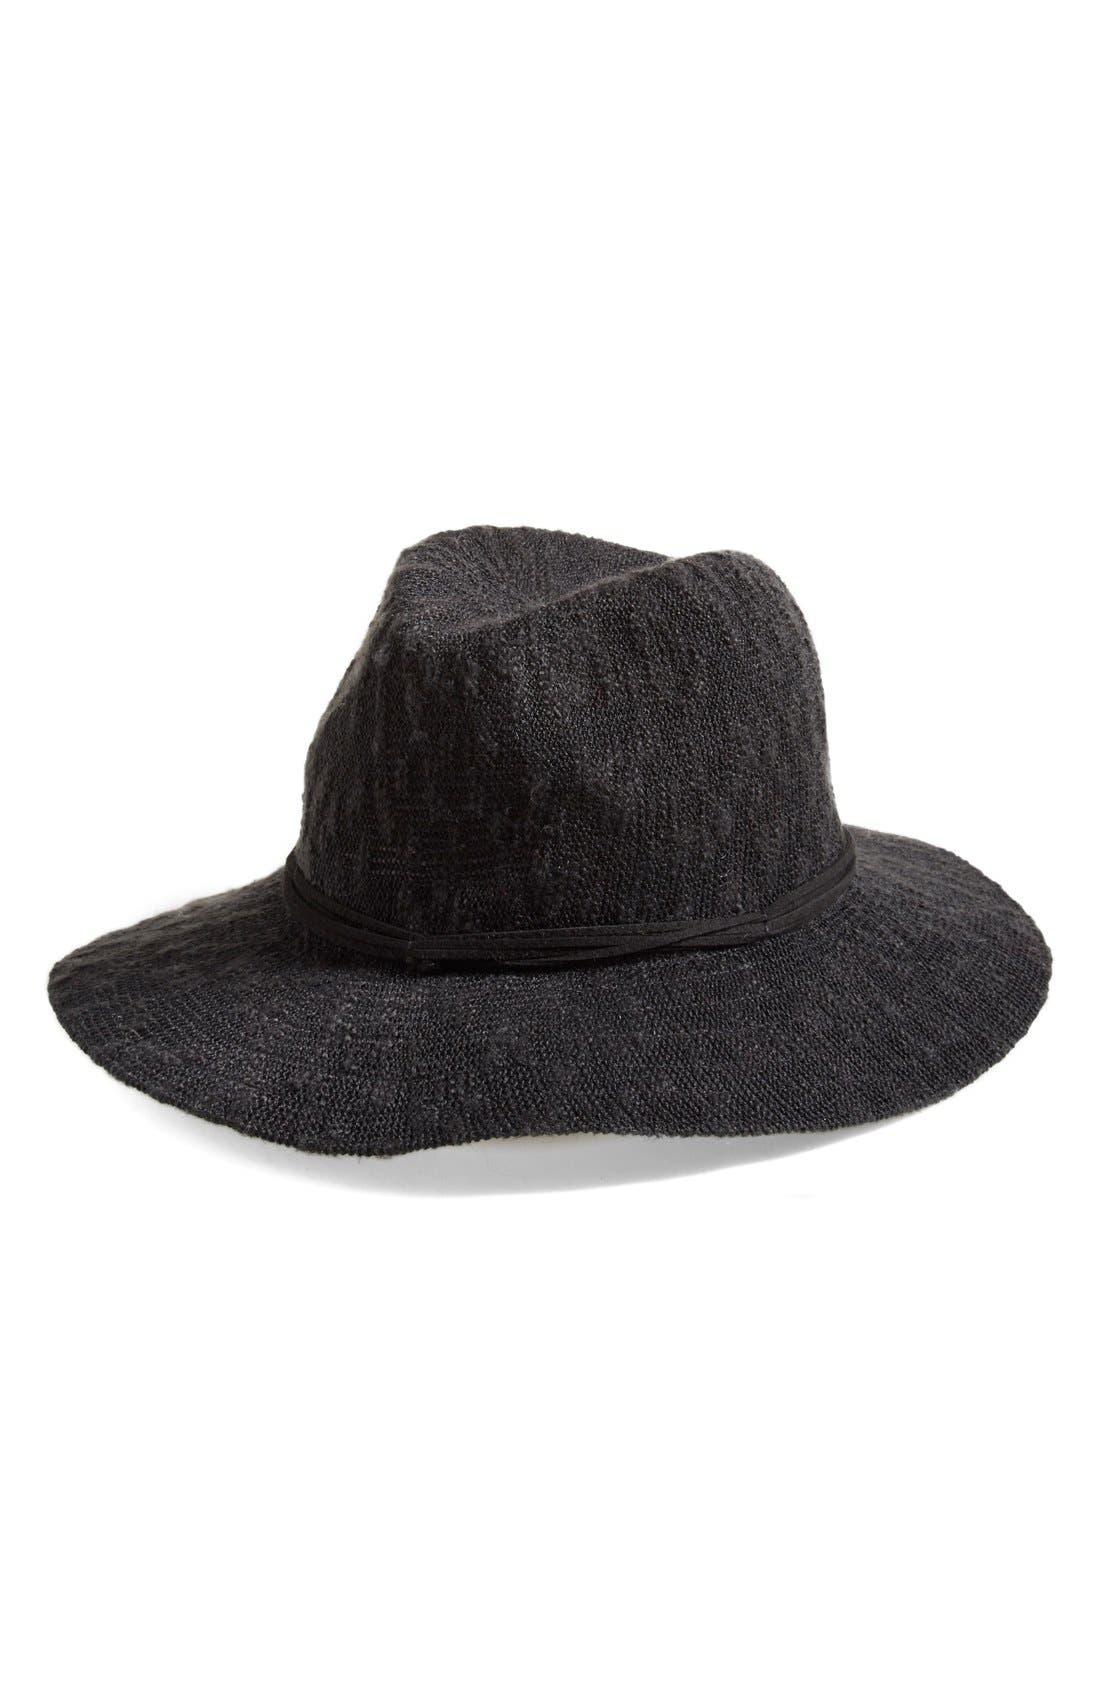 Alternate Image 1 Selected - Hinge Slub Knit Panama Hat